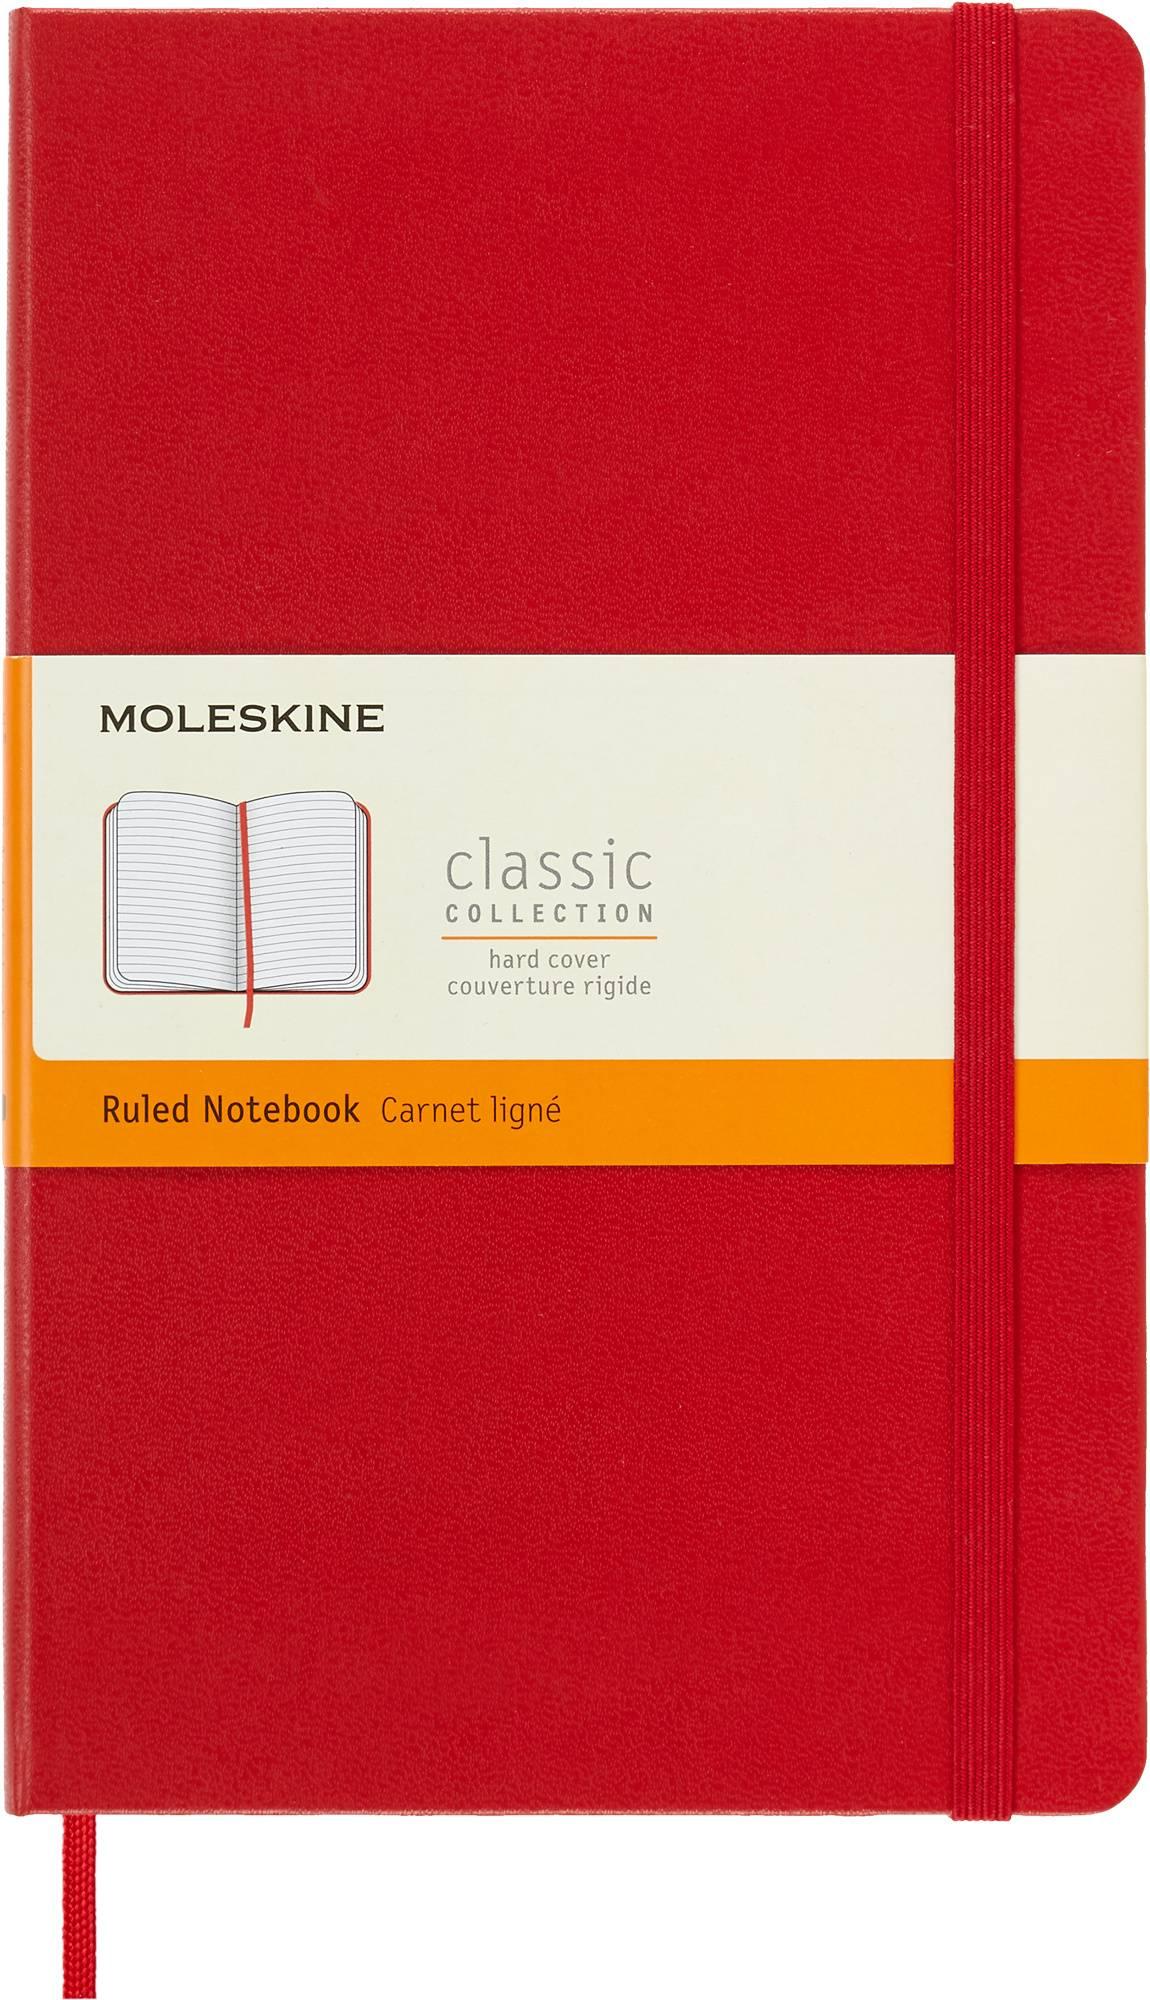 Блокнот Moleskine CLASSIC LARGE 130х210мм 240стр. линейка твердая обложка фиксирующая резинка красный - фото 1